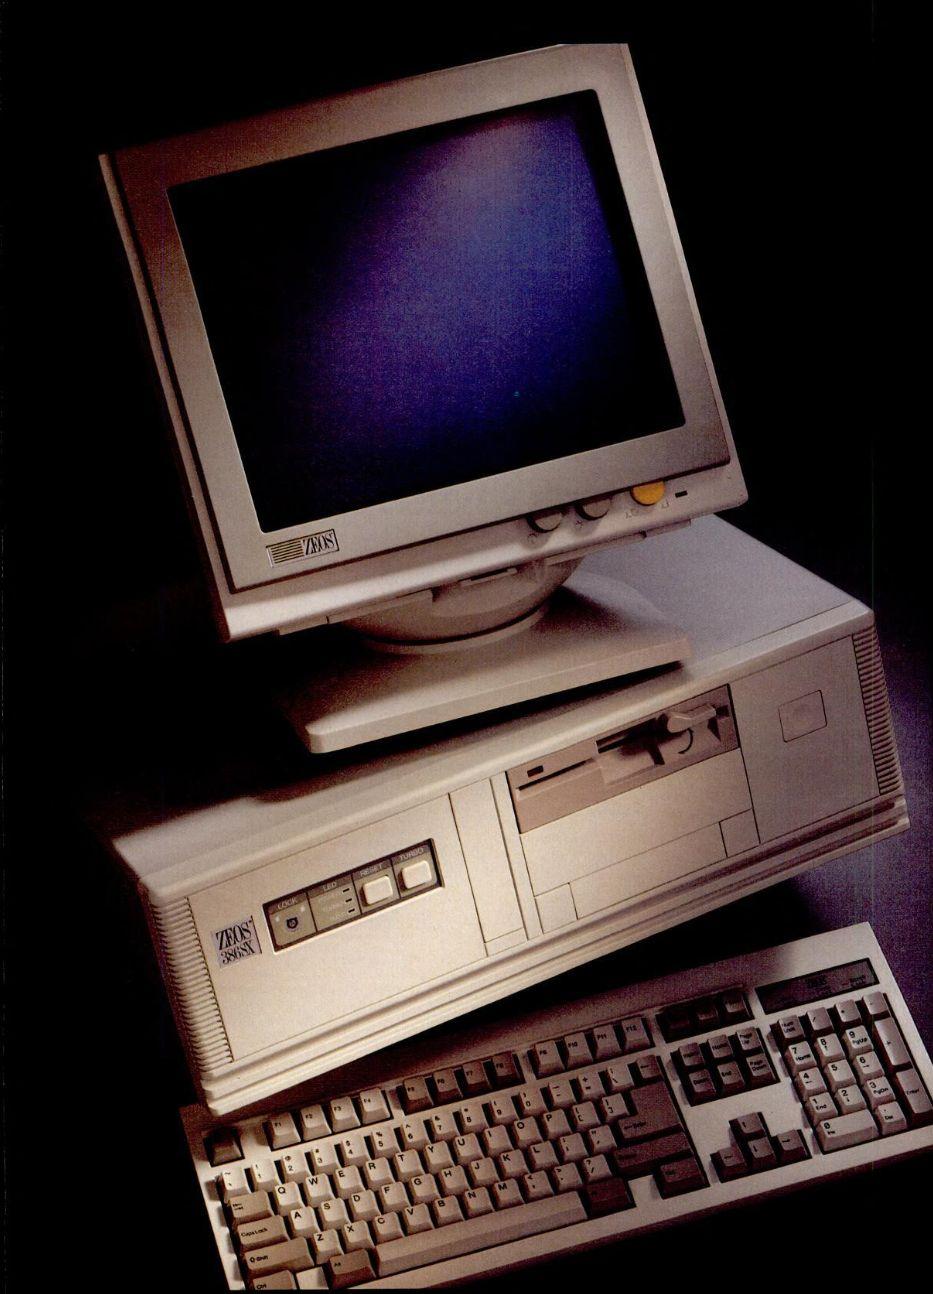 Древности: 20 лет компьютерных технологий в публикациях СМИ - 13